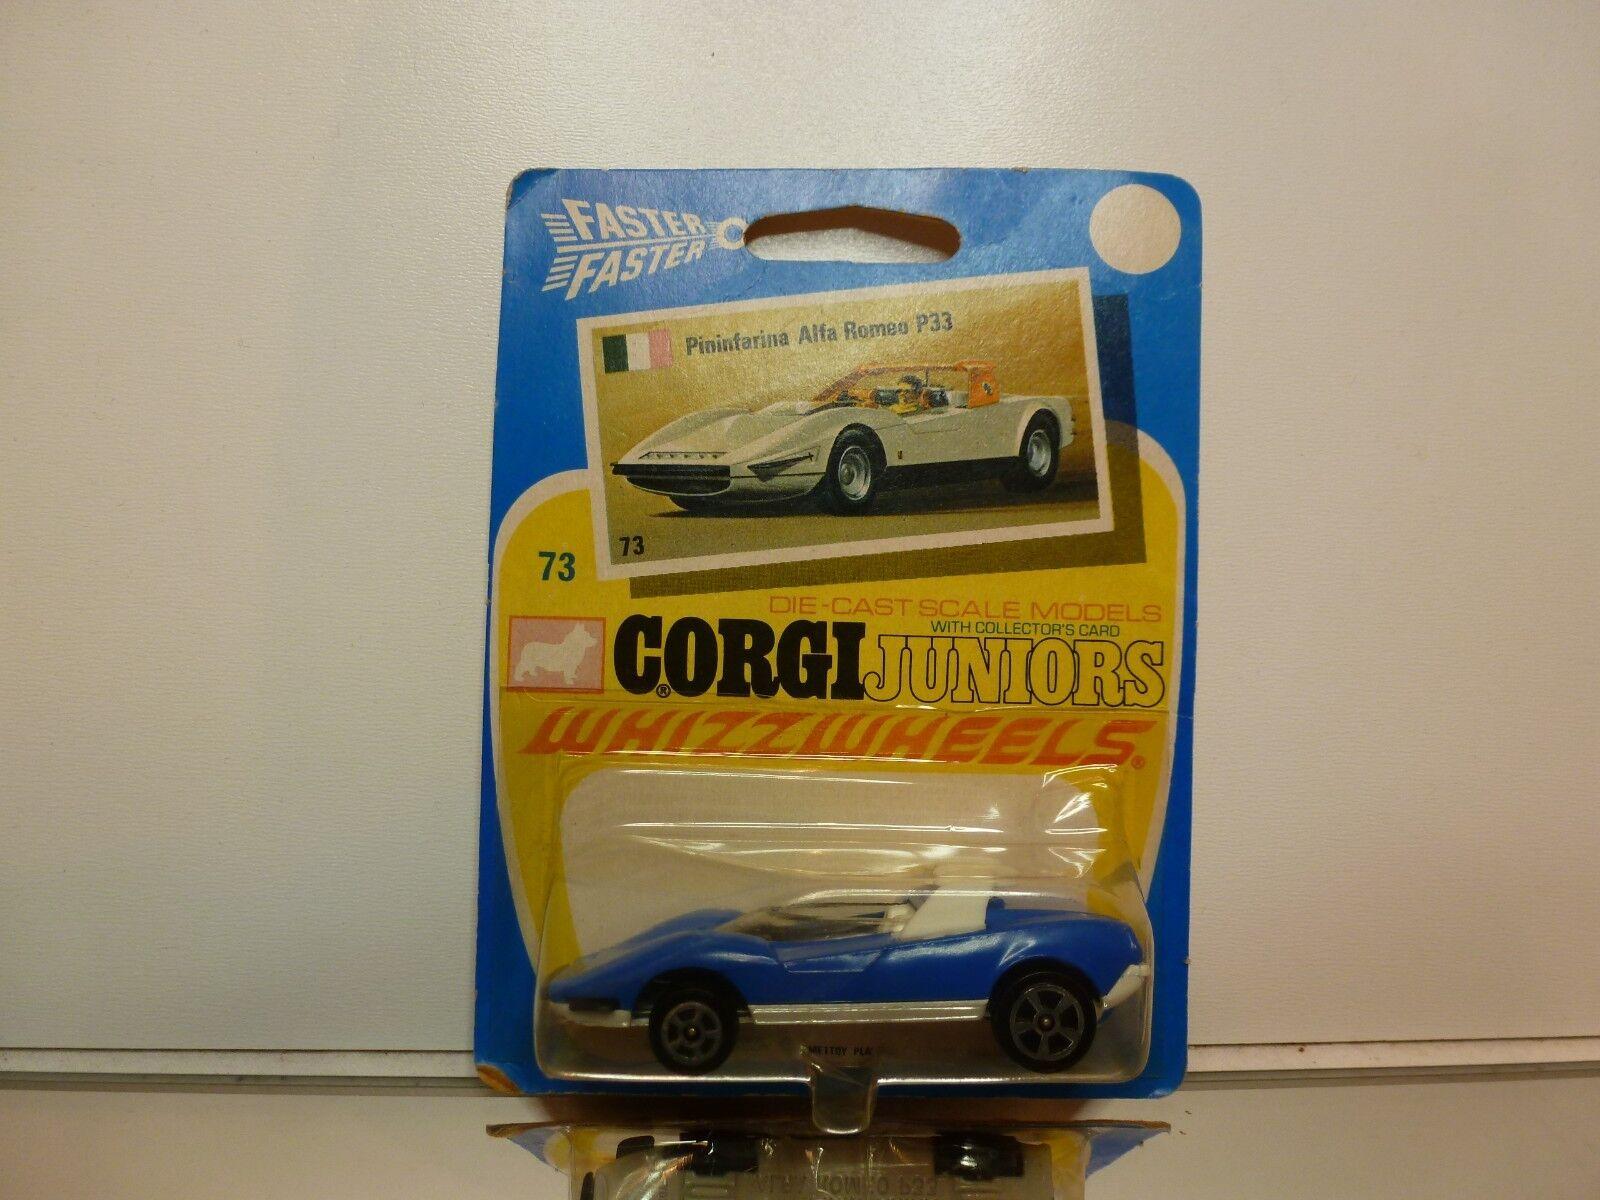 marchio in liquidazione CORGI JUNIORS  ALFA ROMEO P33 PININFARINA  - - - blu L7.0cm - UNOPENED autoD-BLISTER  in vendita